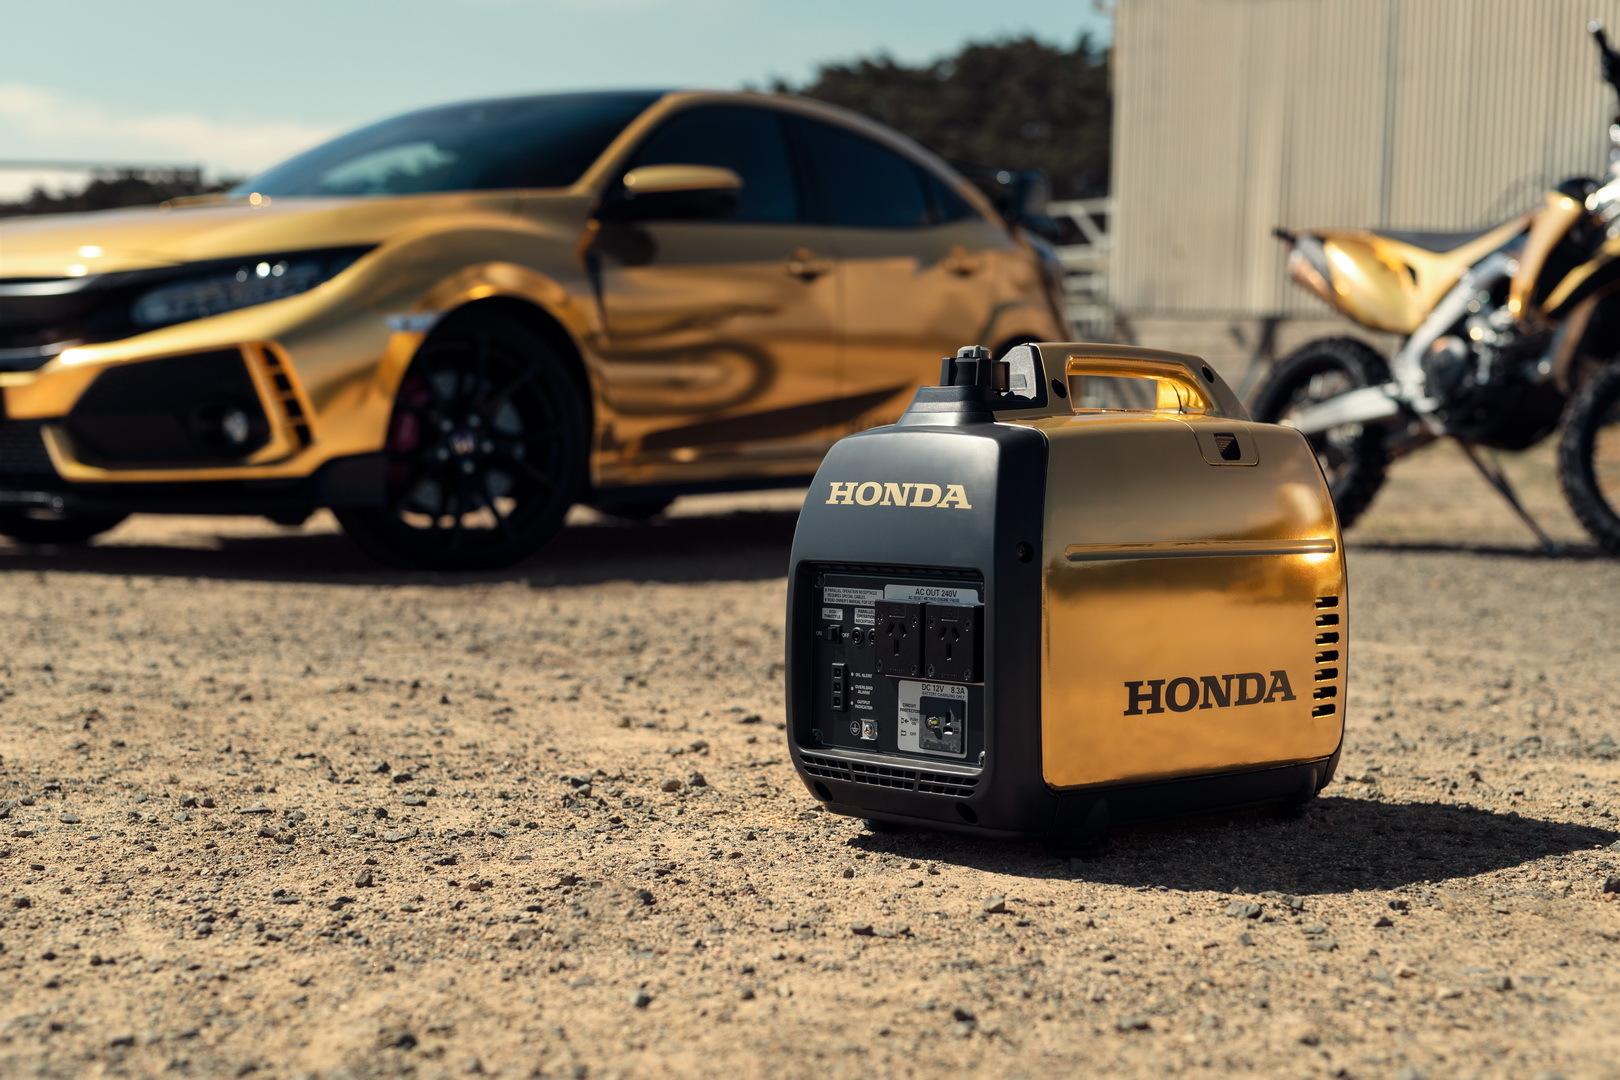 Honda ra mắt những chiếc xe mạ vàng cực độc